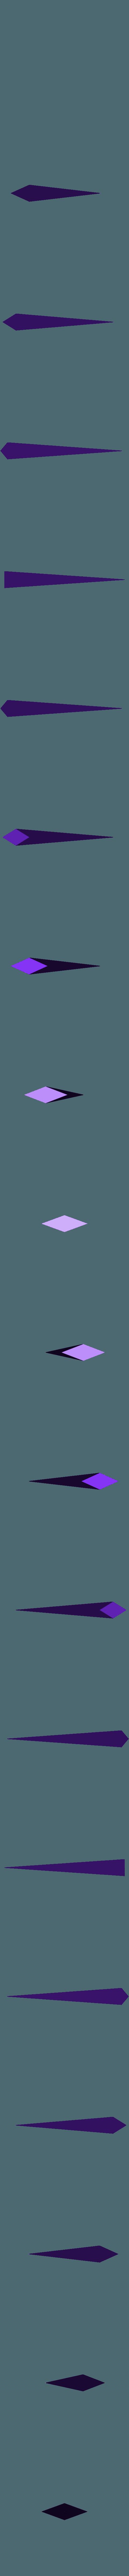 nail_tip.stl Télécharger fichier STL gratuit Clou cannelé de Hollow Knight • Modèle à imprimer en 3D, Lance_Greene